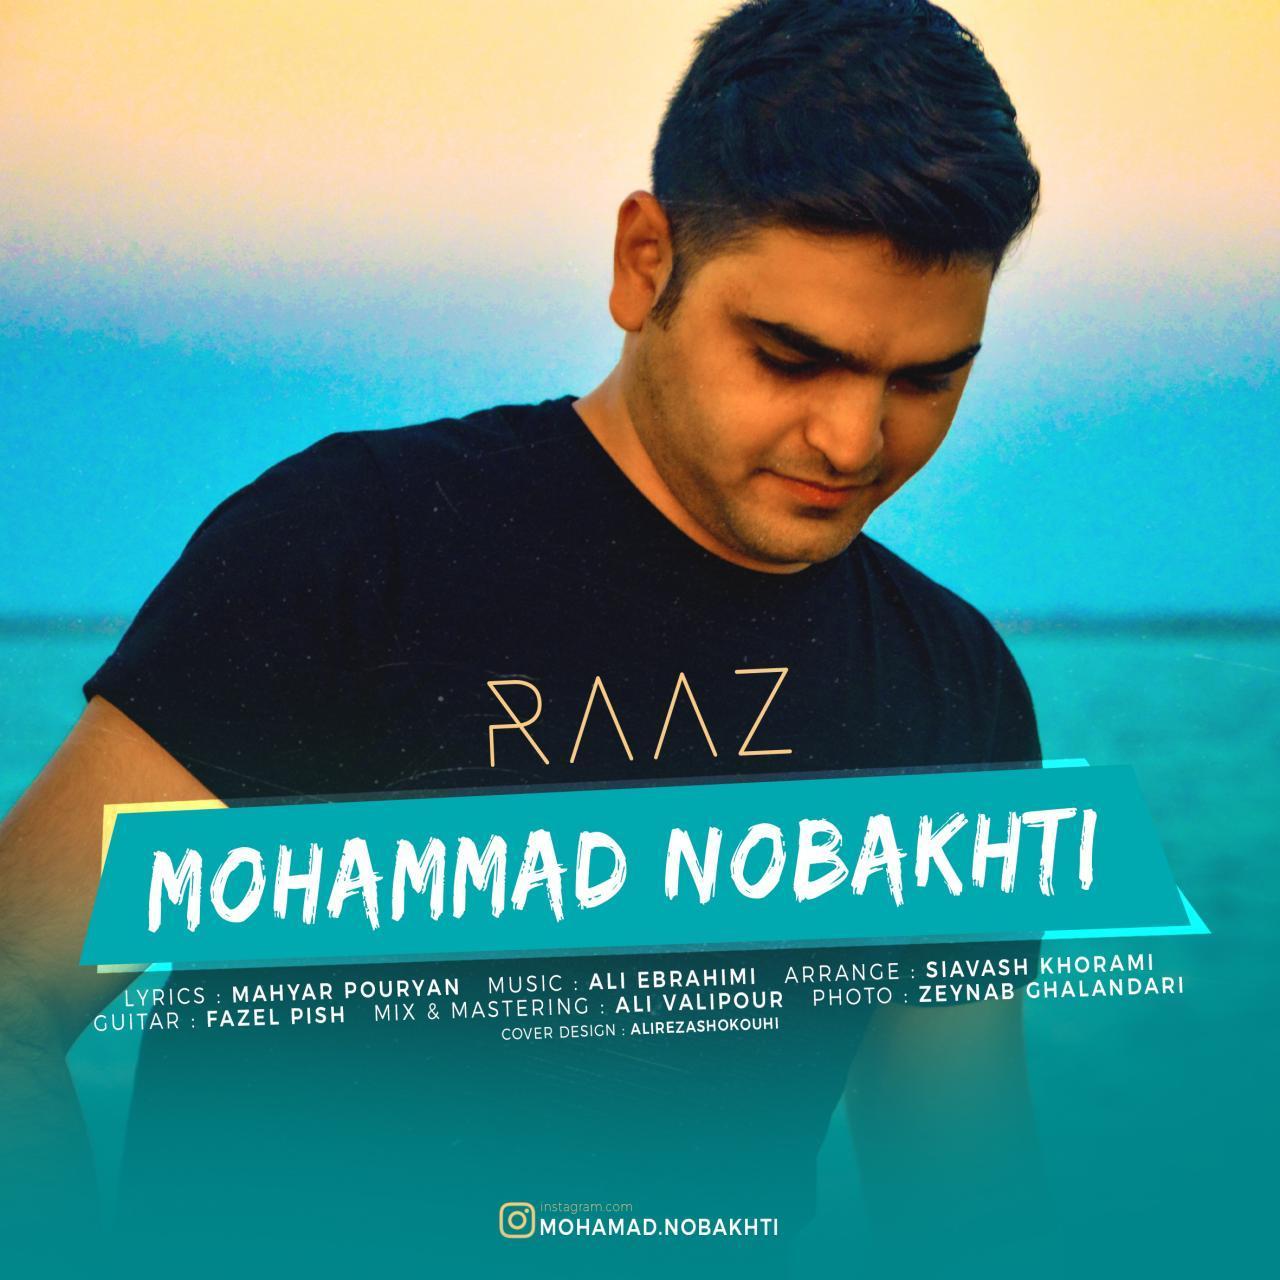 Mohammad Nobakhti – Raaz